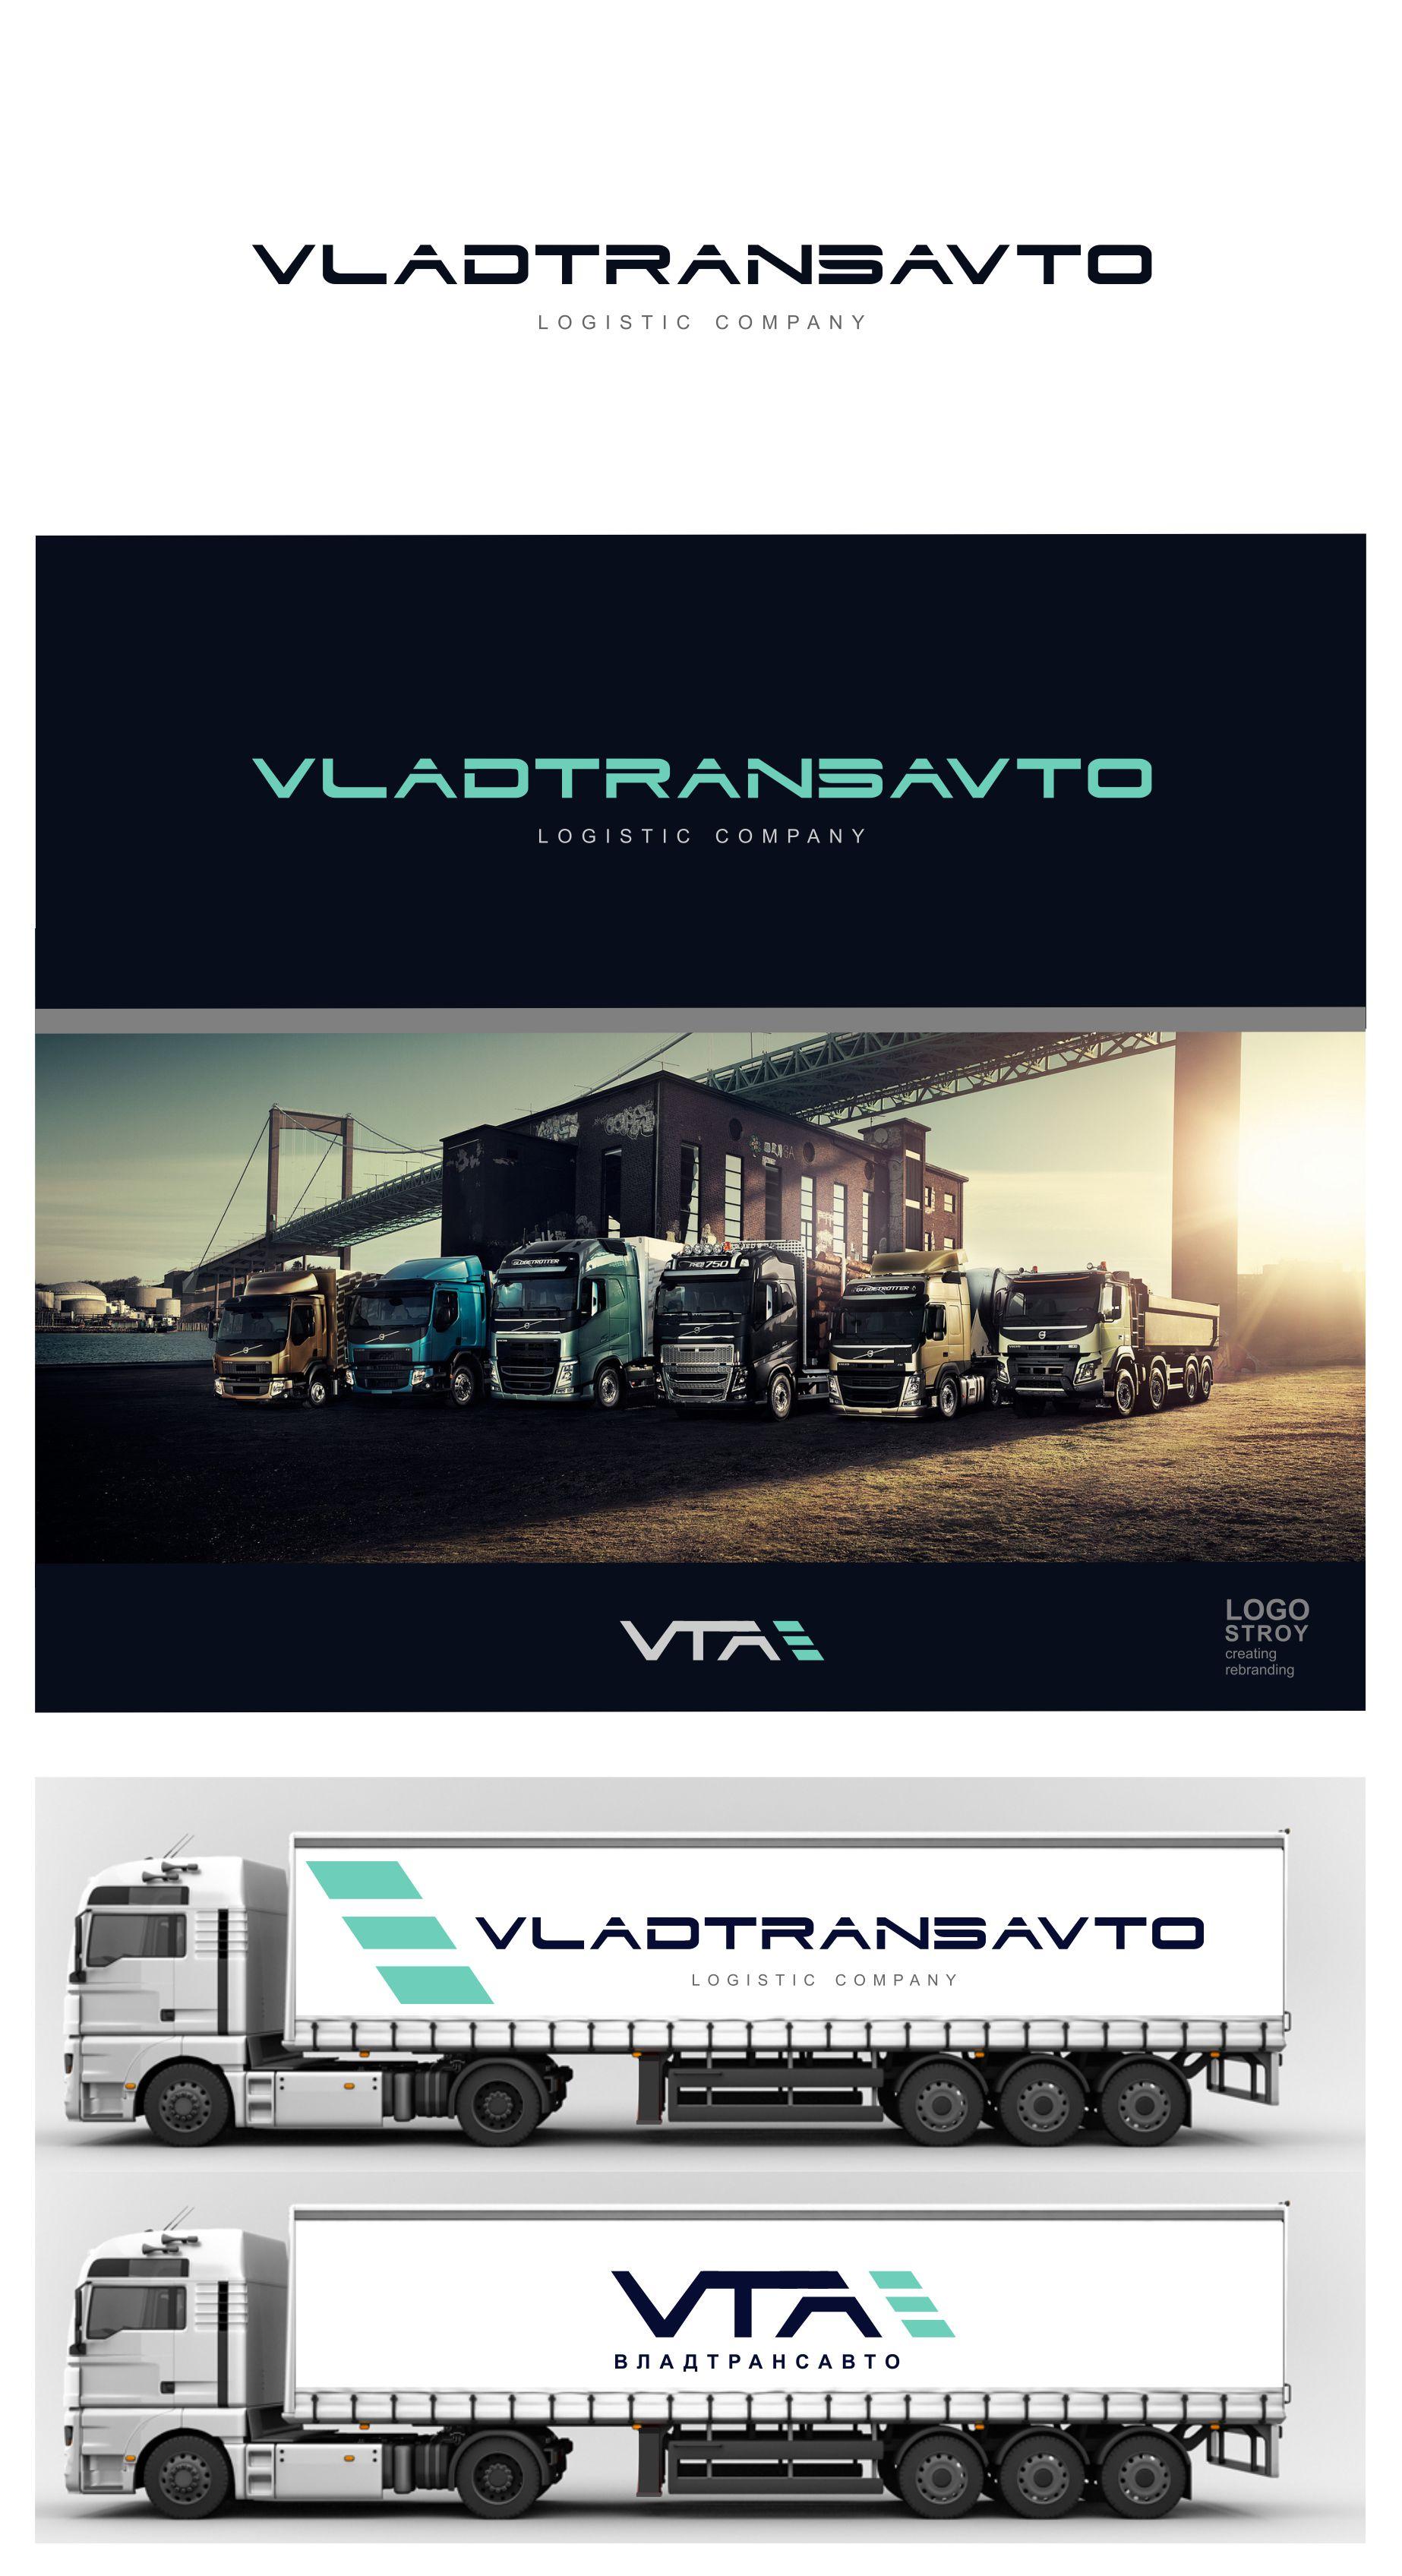 Логотип и фирменный стиль для транспортной компании Владтрансавто фото f_3975cefa79ead6fa.jpg